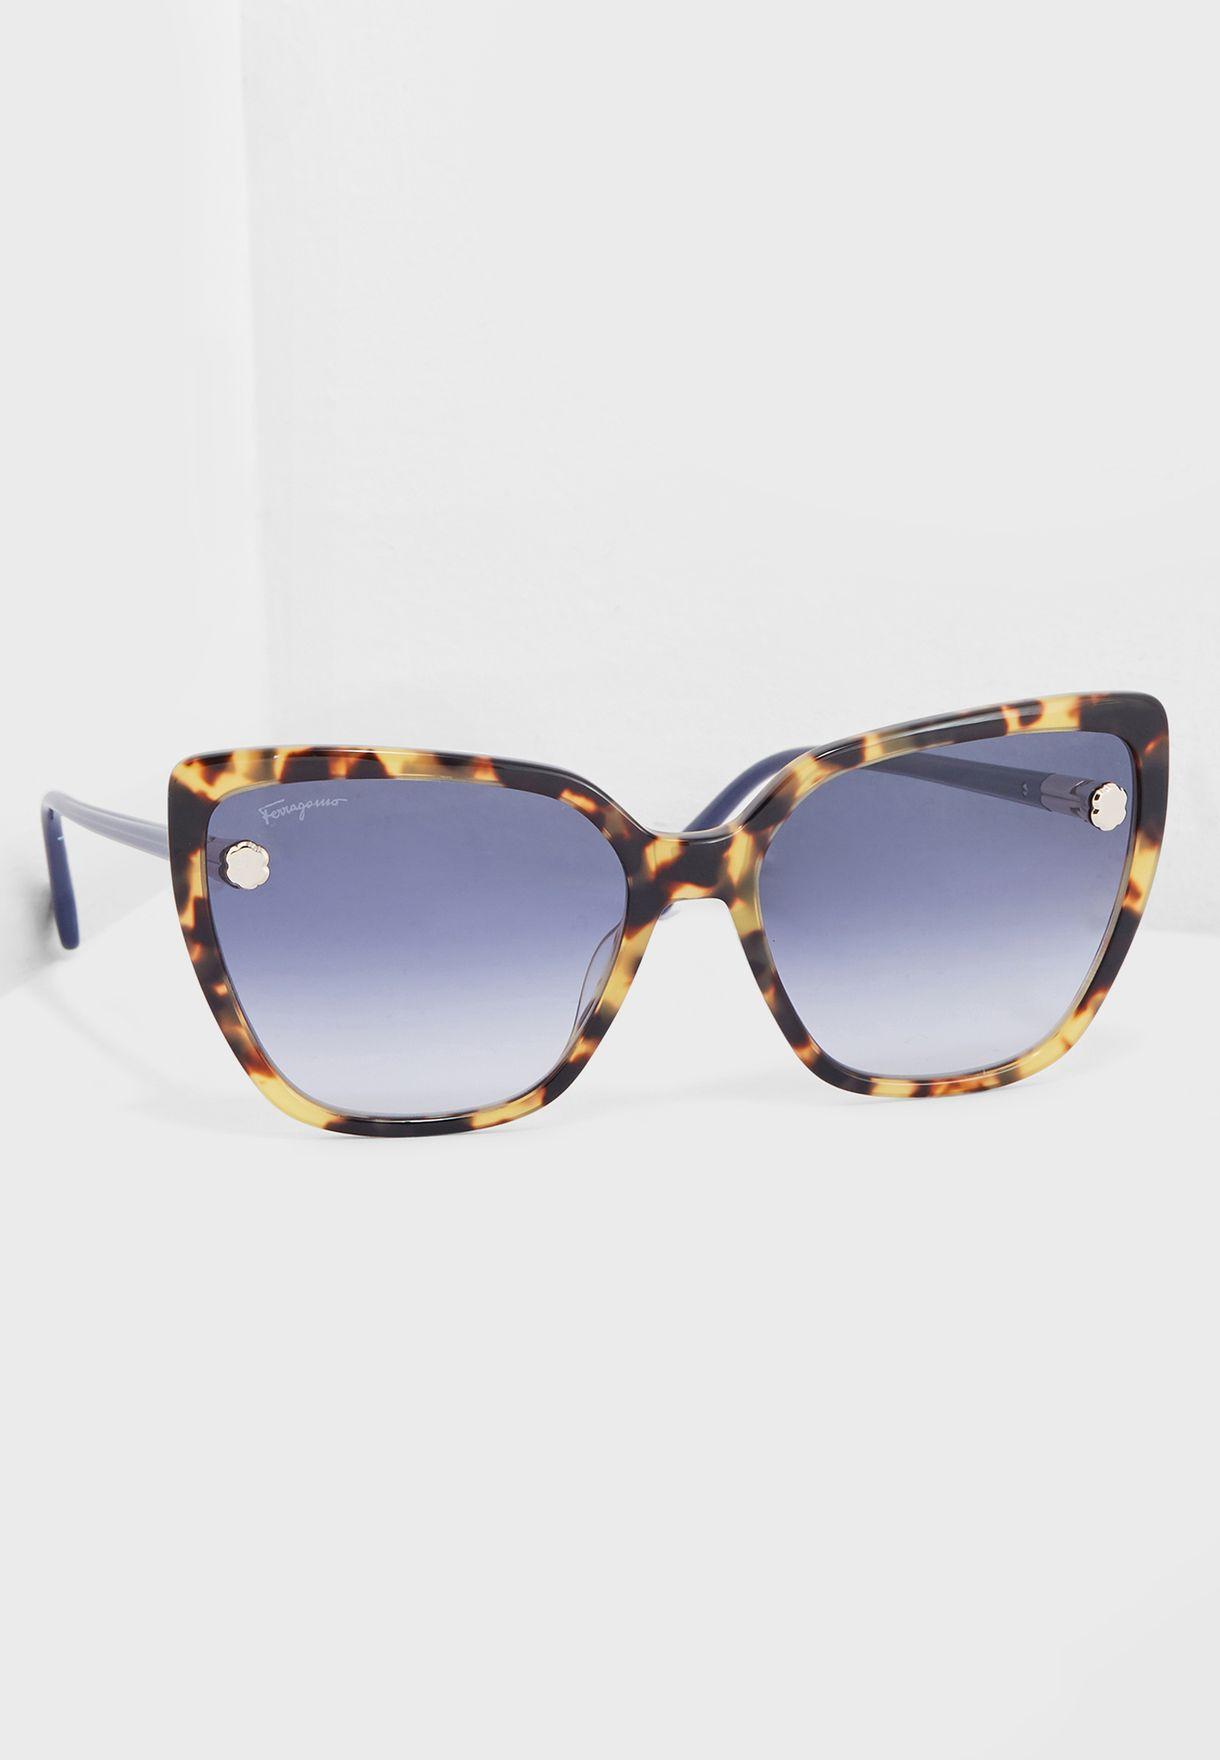 368436297c5 Shop Salvatore ferragamo black SF914S Cat Eye Sunglasses 38694 SF914S for  Women in Kuwait - SA277AC55MTO